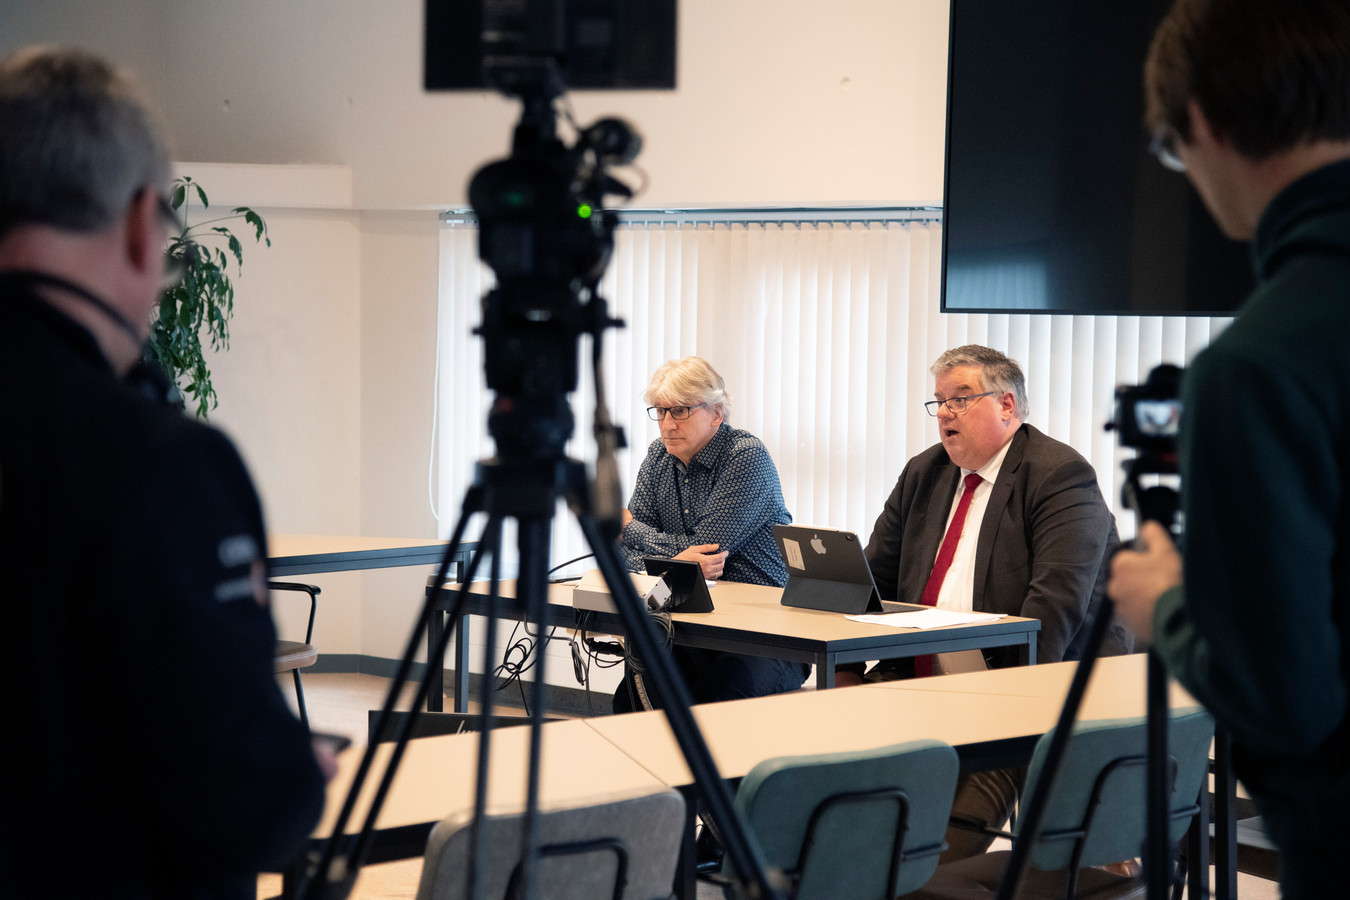 Persconferentie van burgemeester Hubert Bruls van Nijmegen, tevens voorzitter van het Veiligheidsberaad.